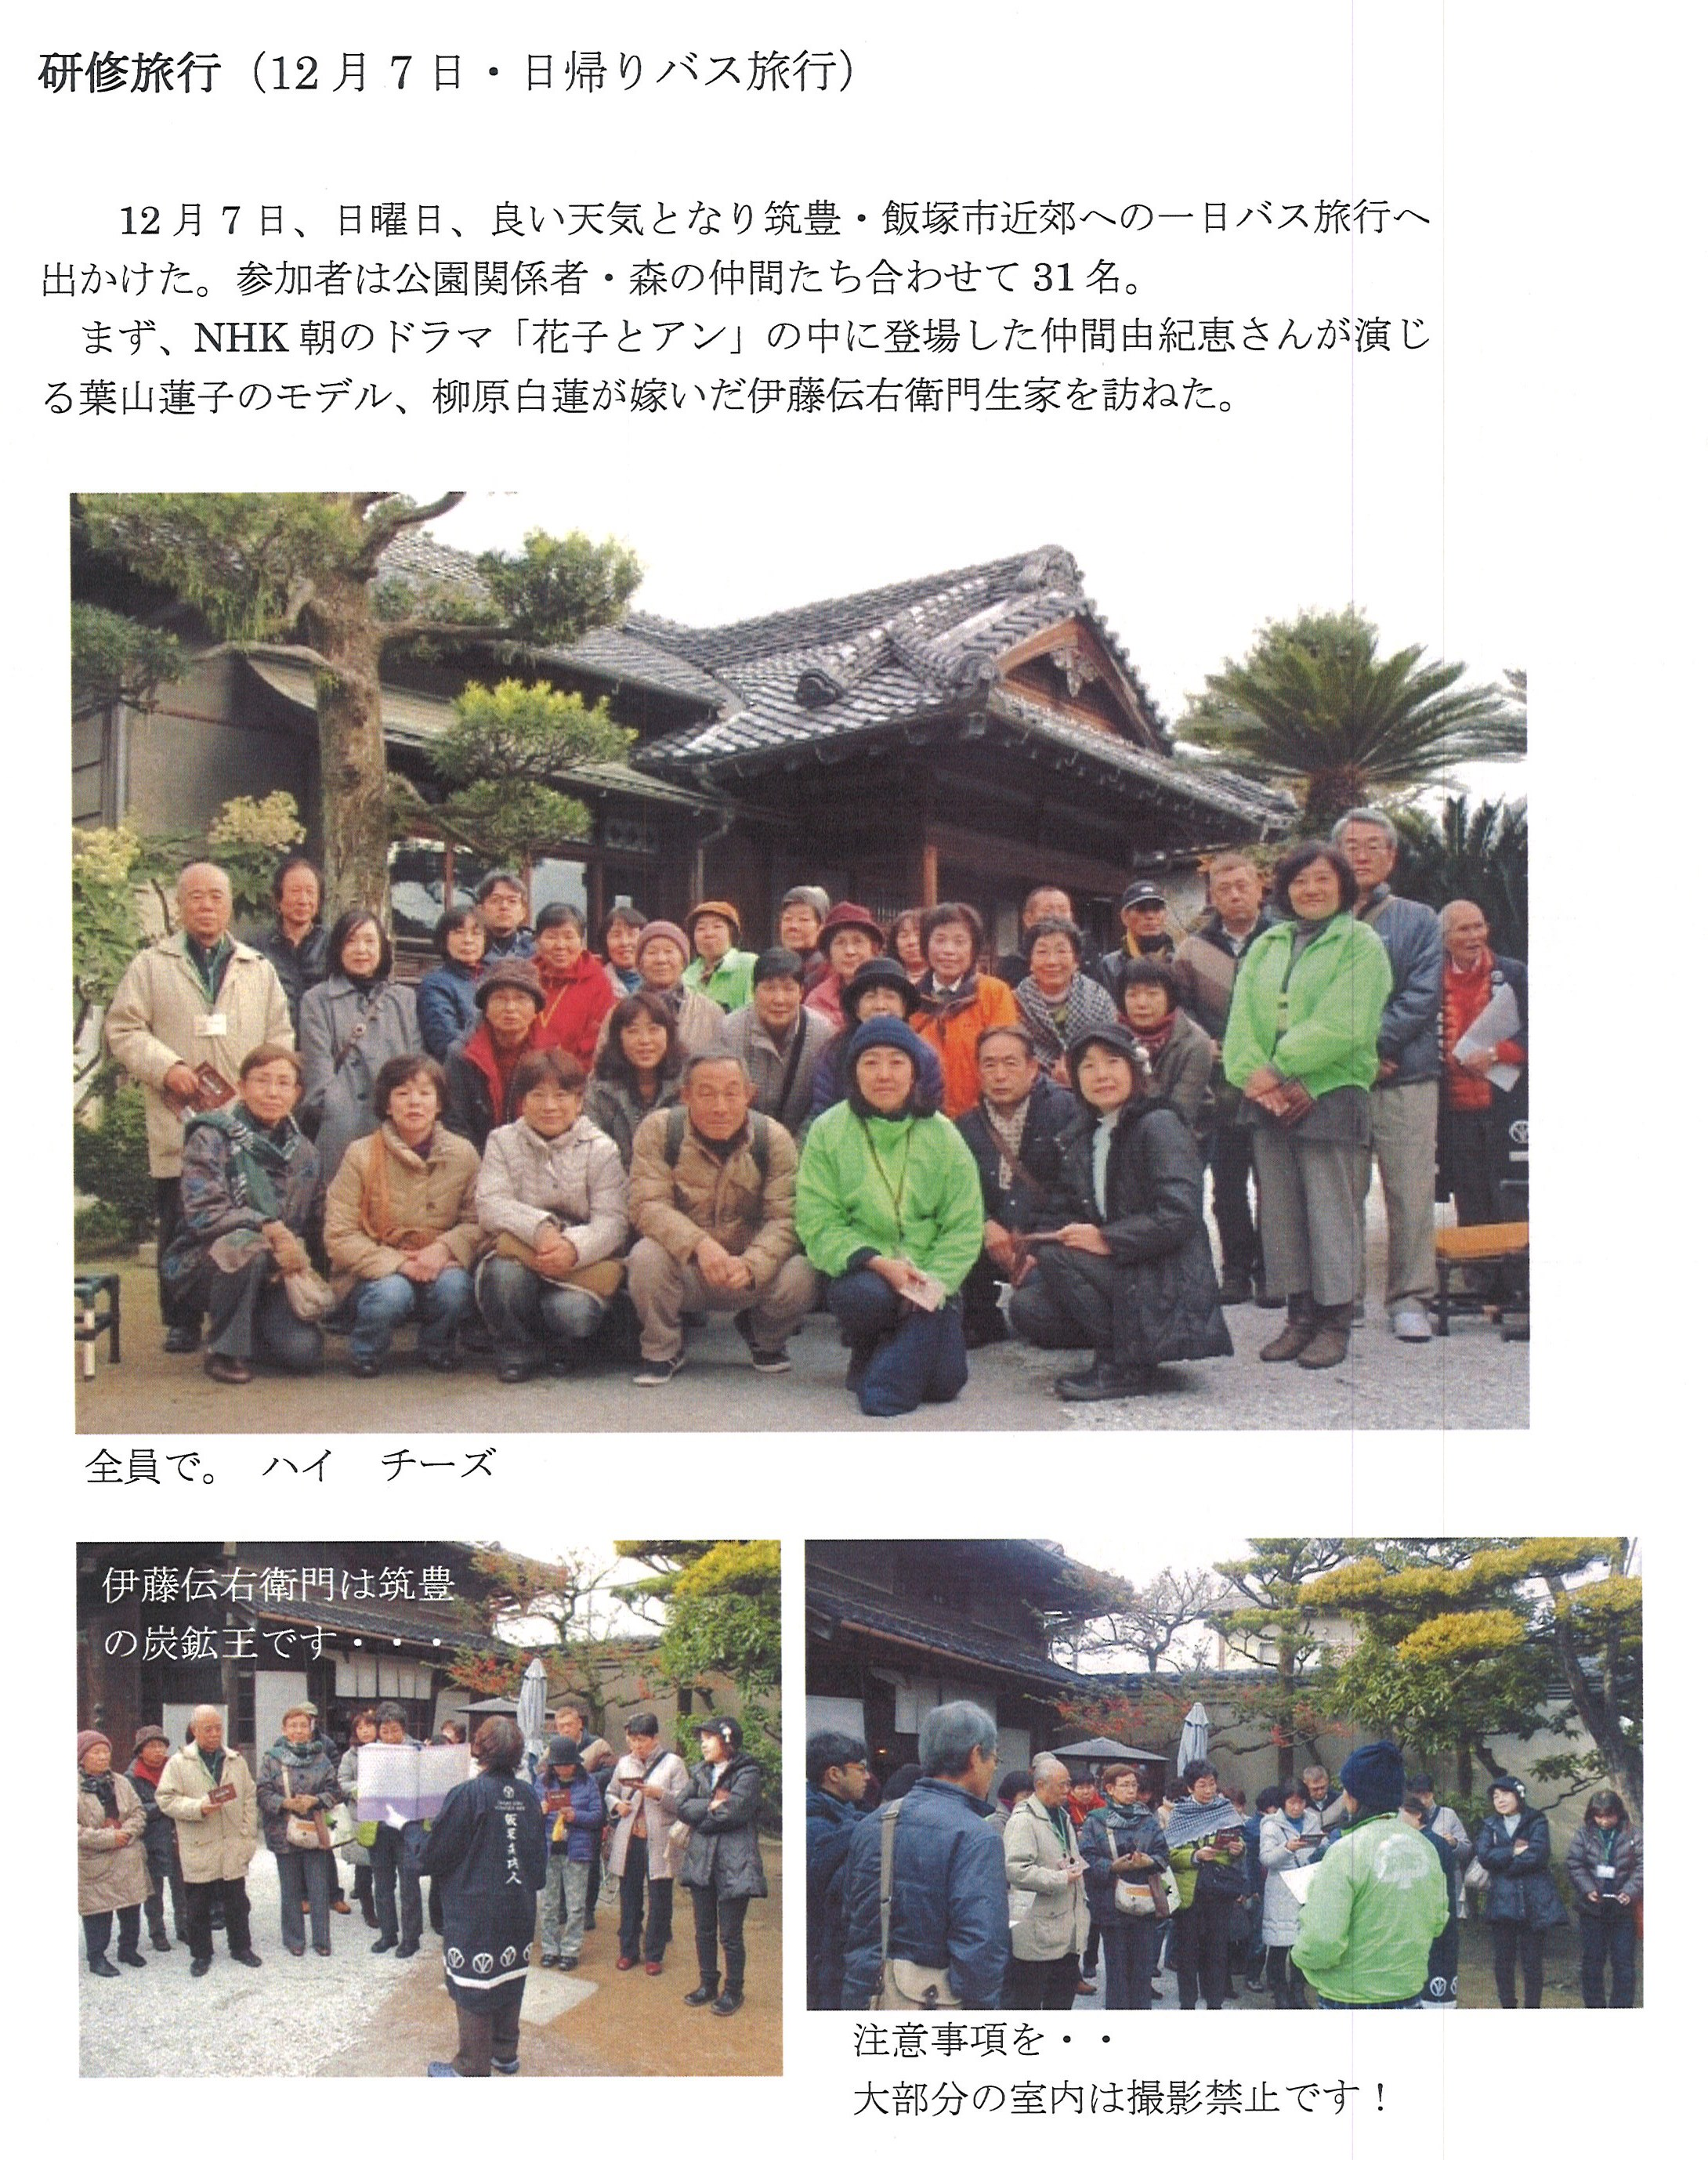 20141213_森の仲間たち_1.jpg